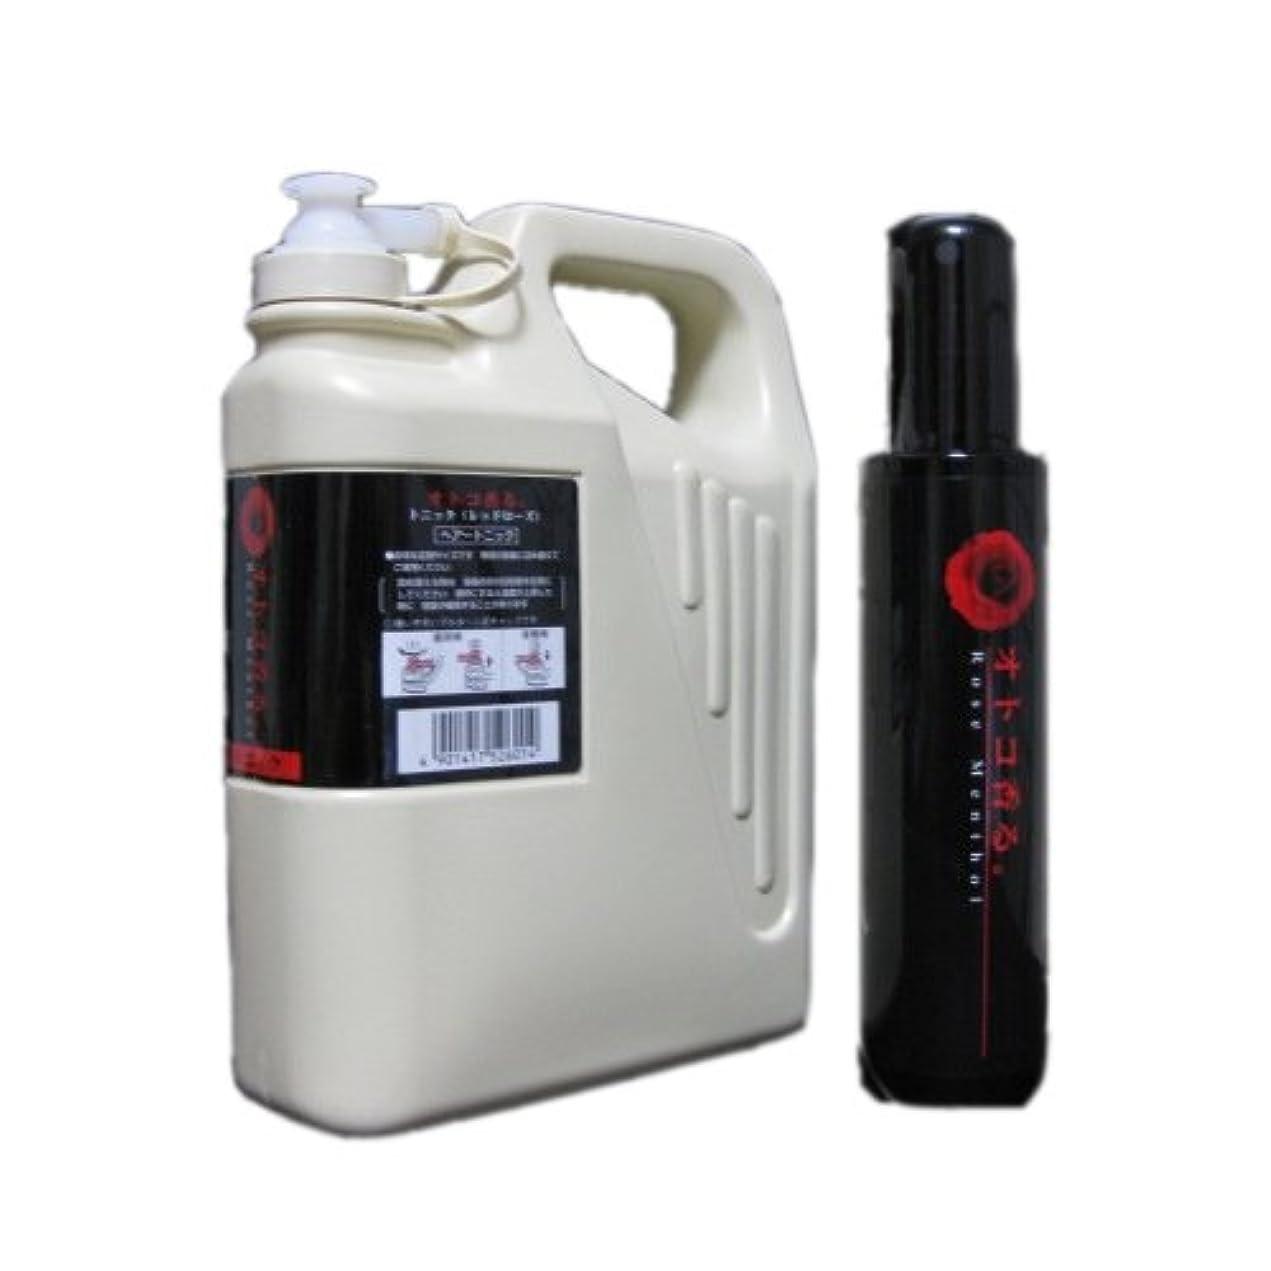 元気過剰具体的にクラシエ オトコ香る。フレグランストニック レッドローズ150ml+1050ml Lサイズ(業務?詰替用)セット